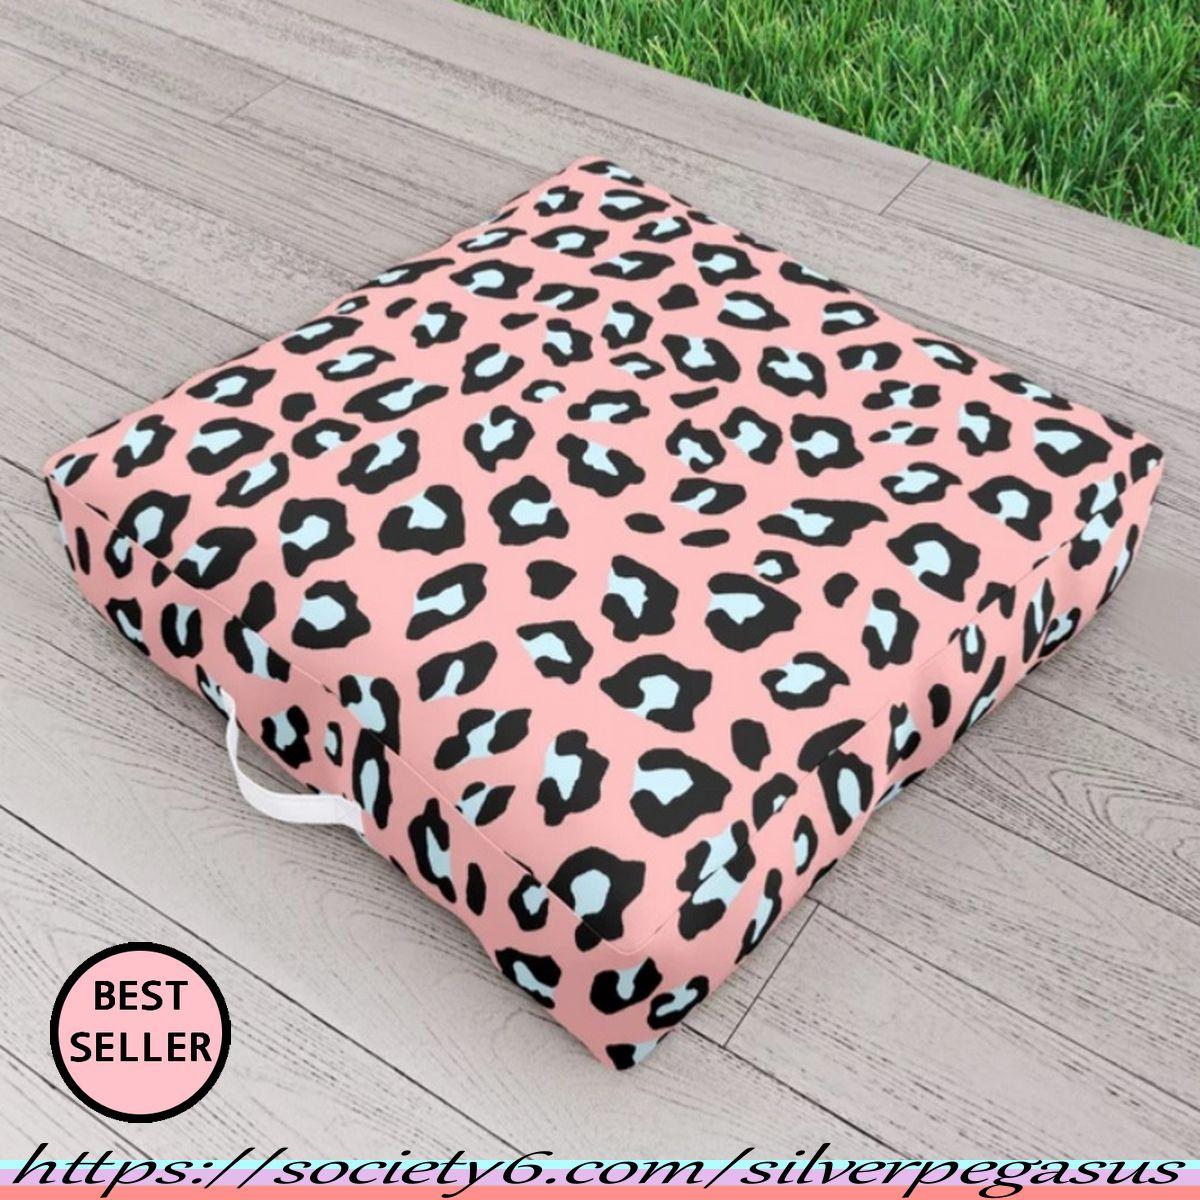 society6.com/silverpegasus , Leopard Print – Icy Peach Outdoor Floor Cushion by SilverPegasus Garden